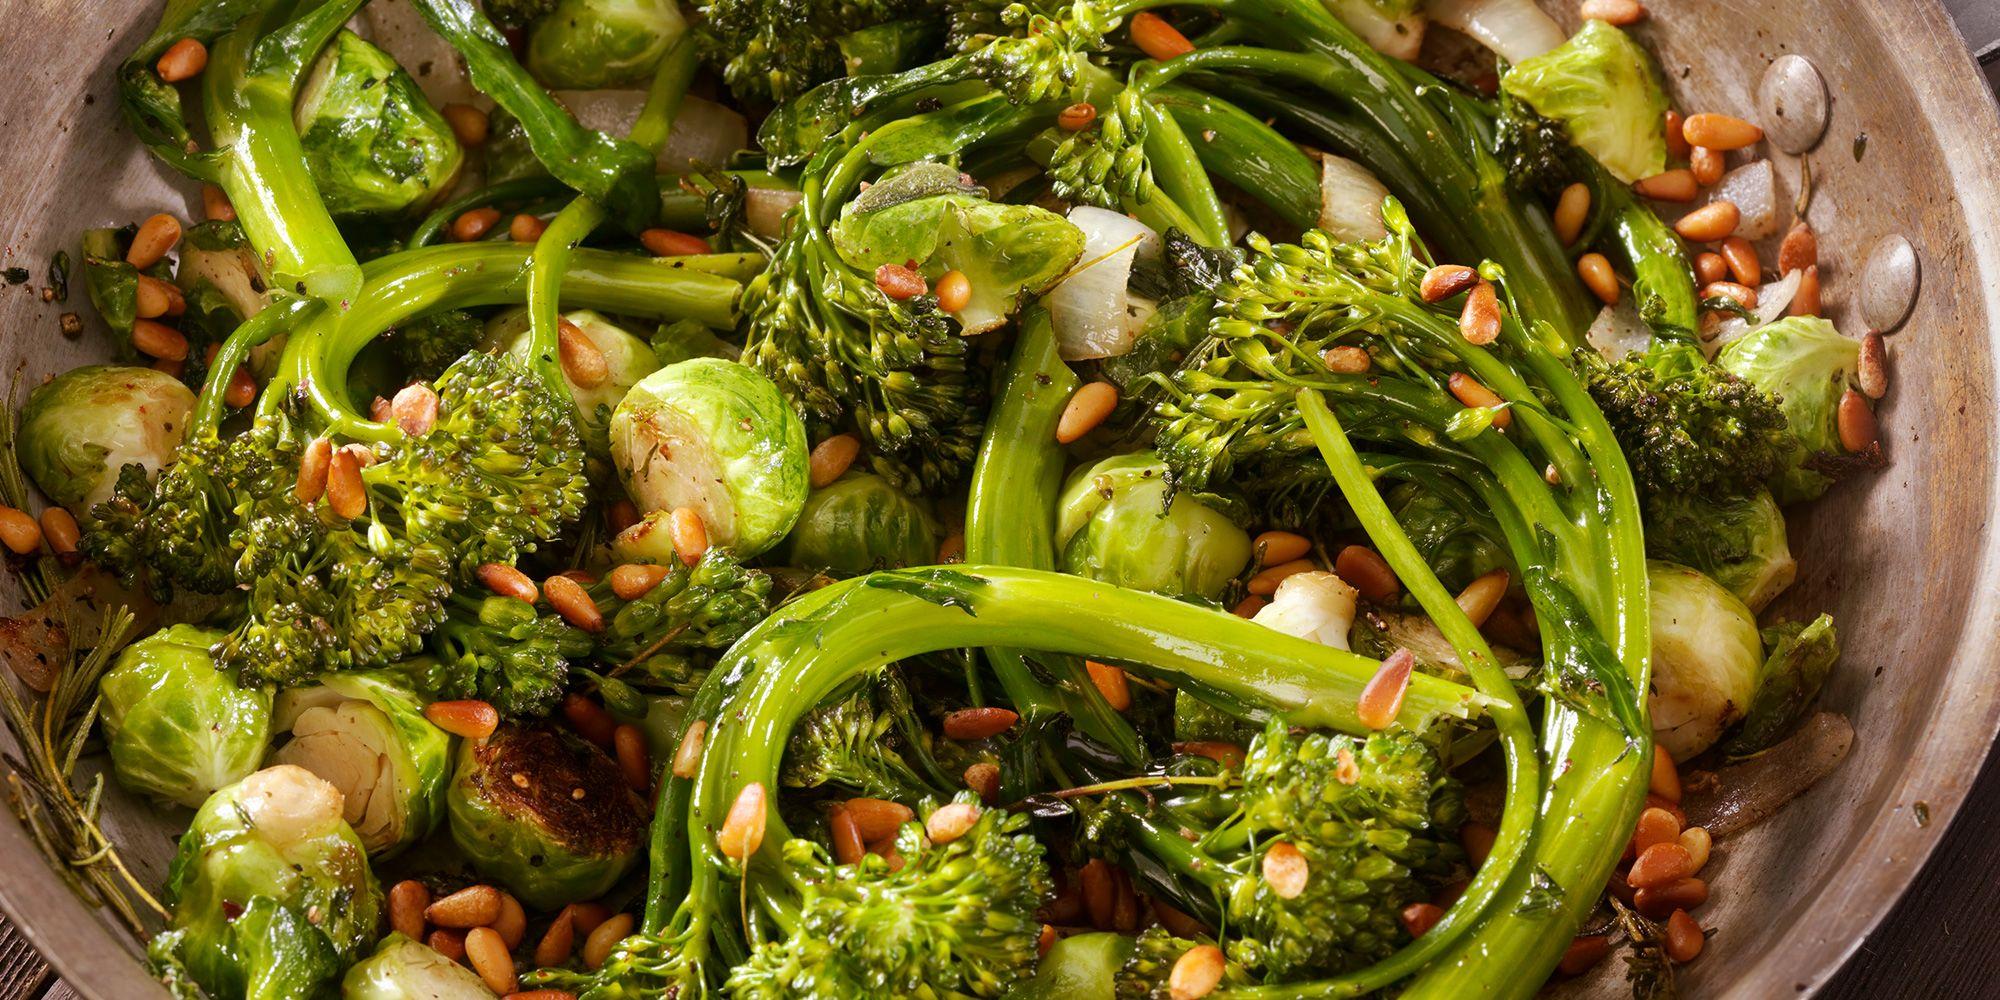 ما أفضل الخضراوات الغنية بالبروتين - أهمية تضمين مصادر صحية للبروتين في نظامك الغذائي اليومي - إجمالي البروتين في النظام الغذائي